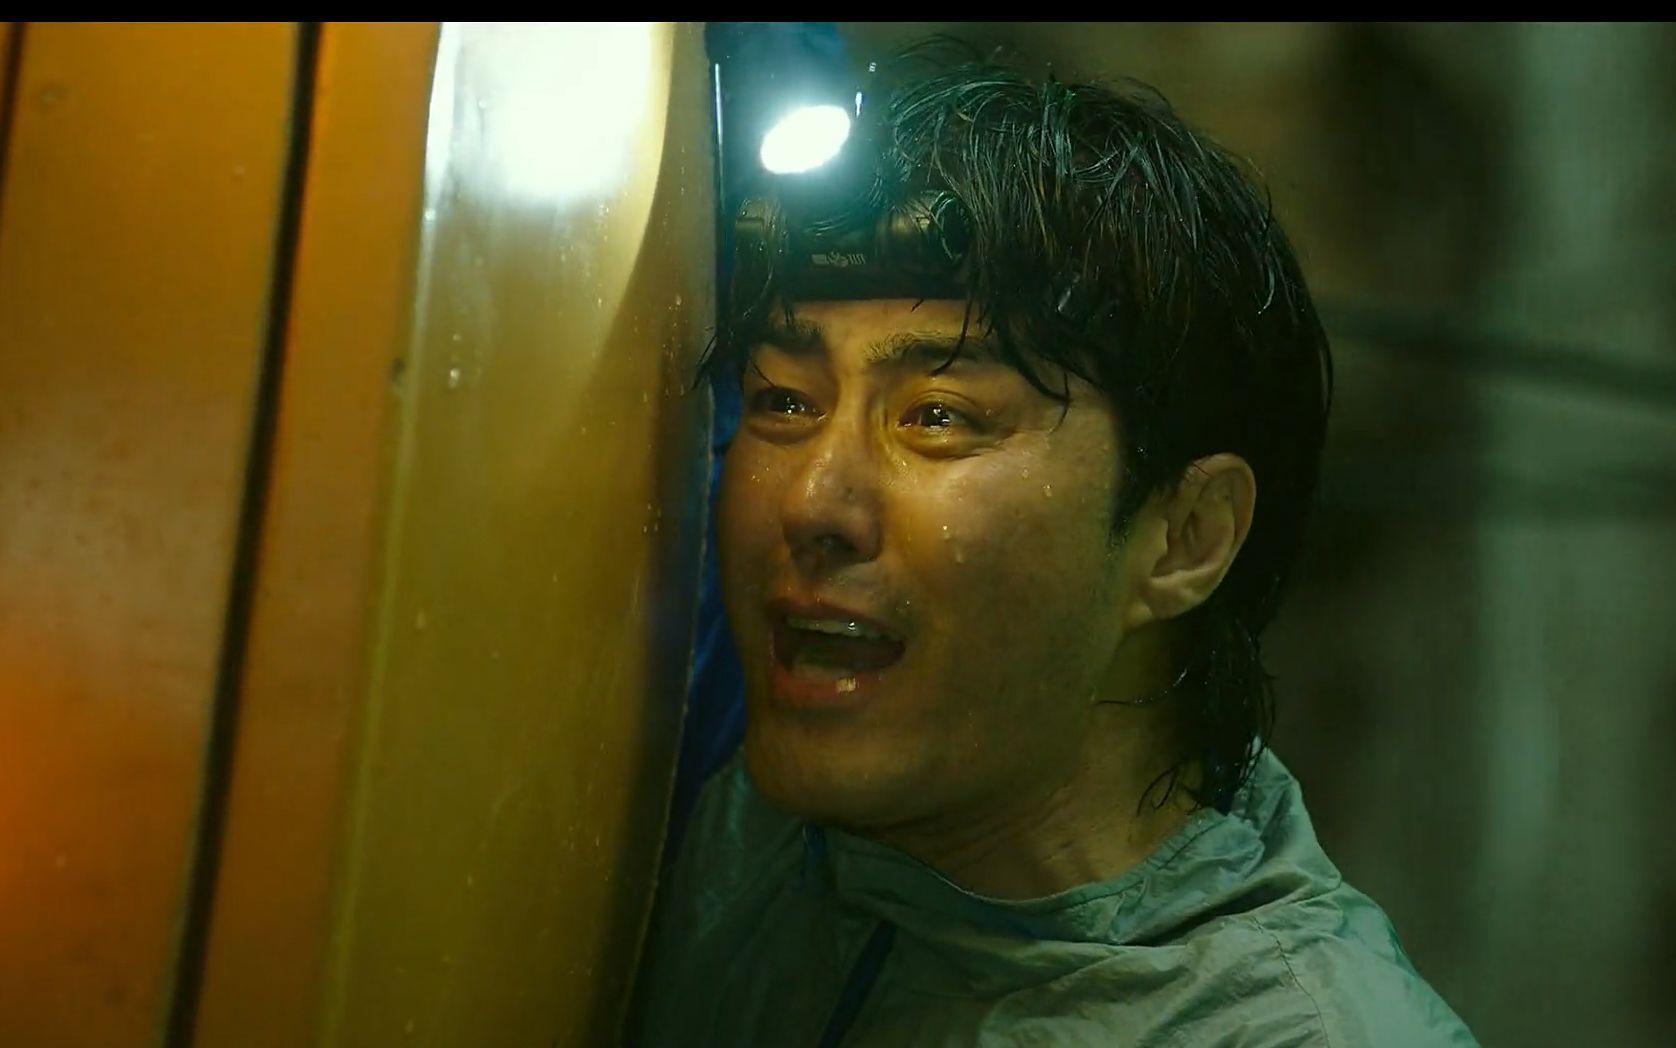 刚买的新楼塌陷到地下500m,被困人员如何求生#2021韩国电影地陷#